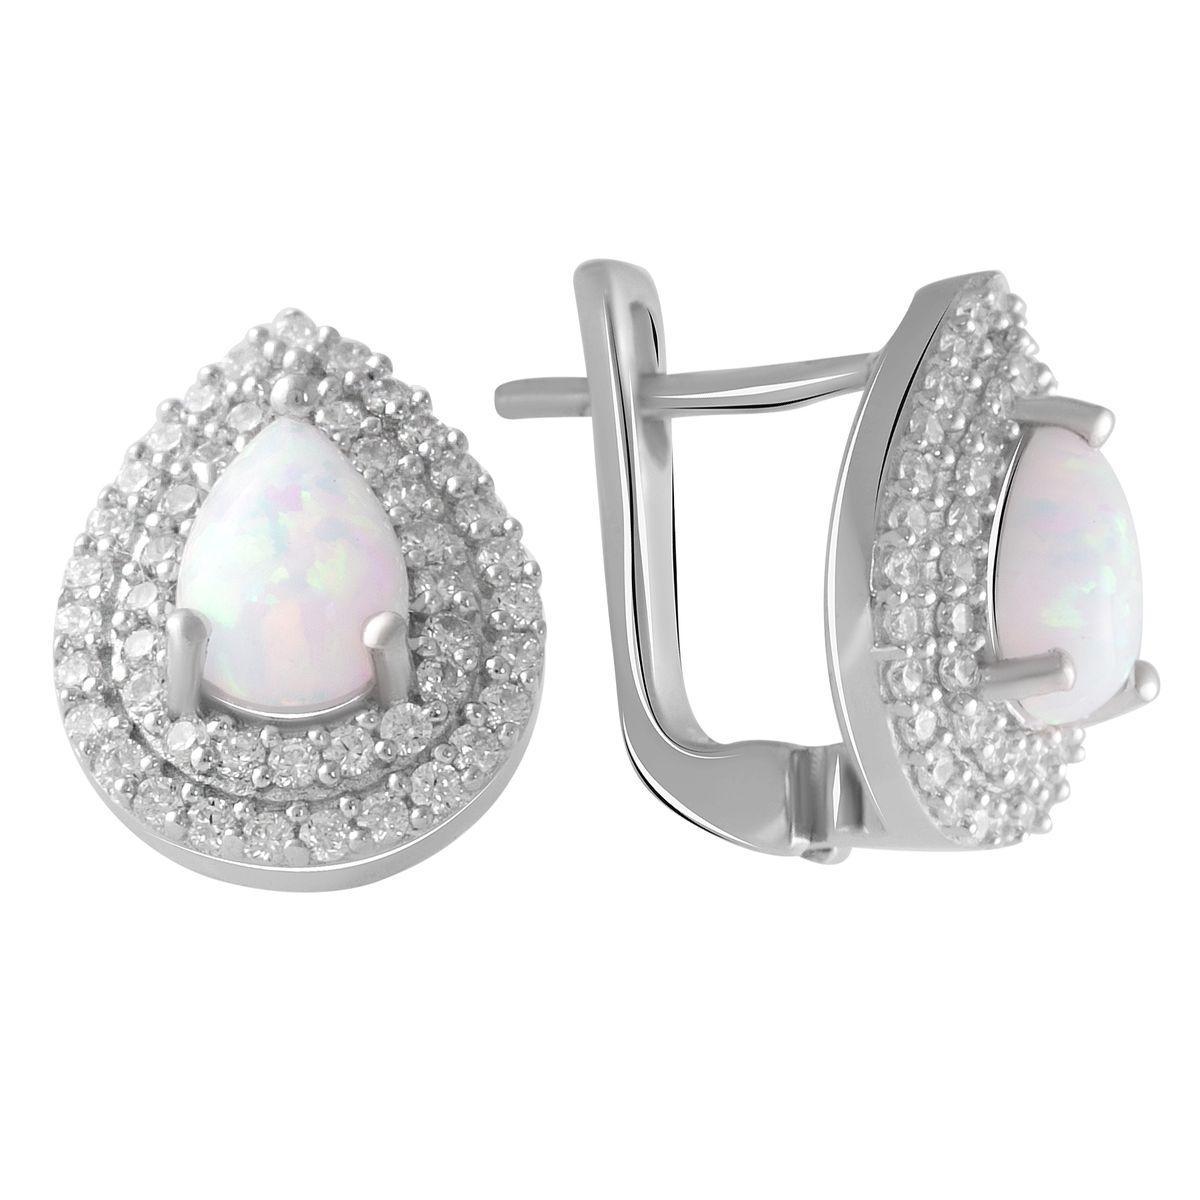 Срібні сережки DreamJewelry з опалом (2049913)